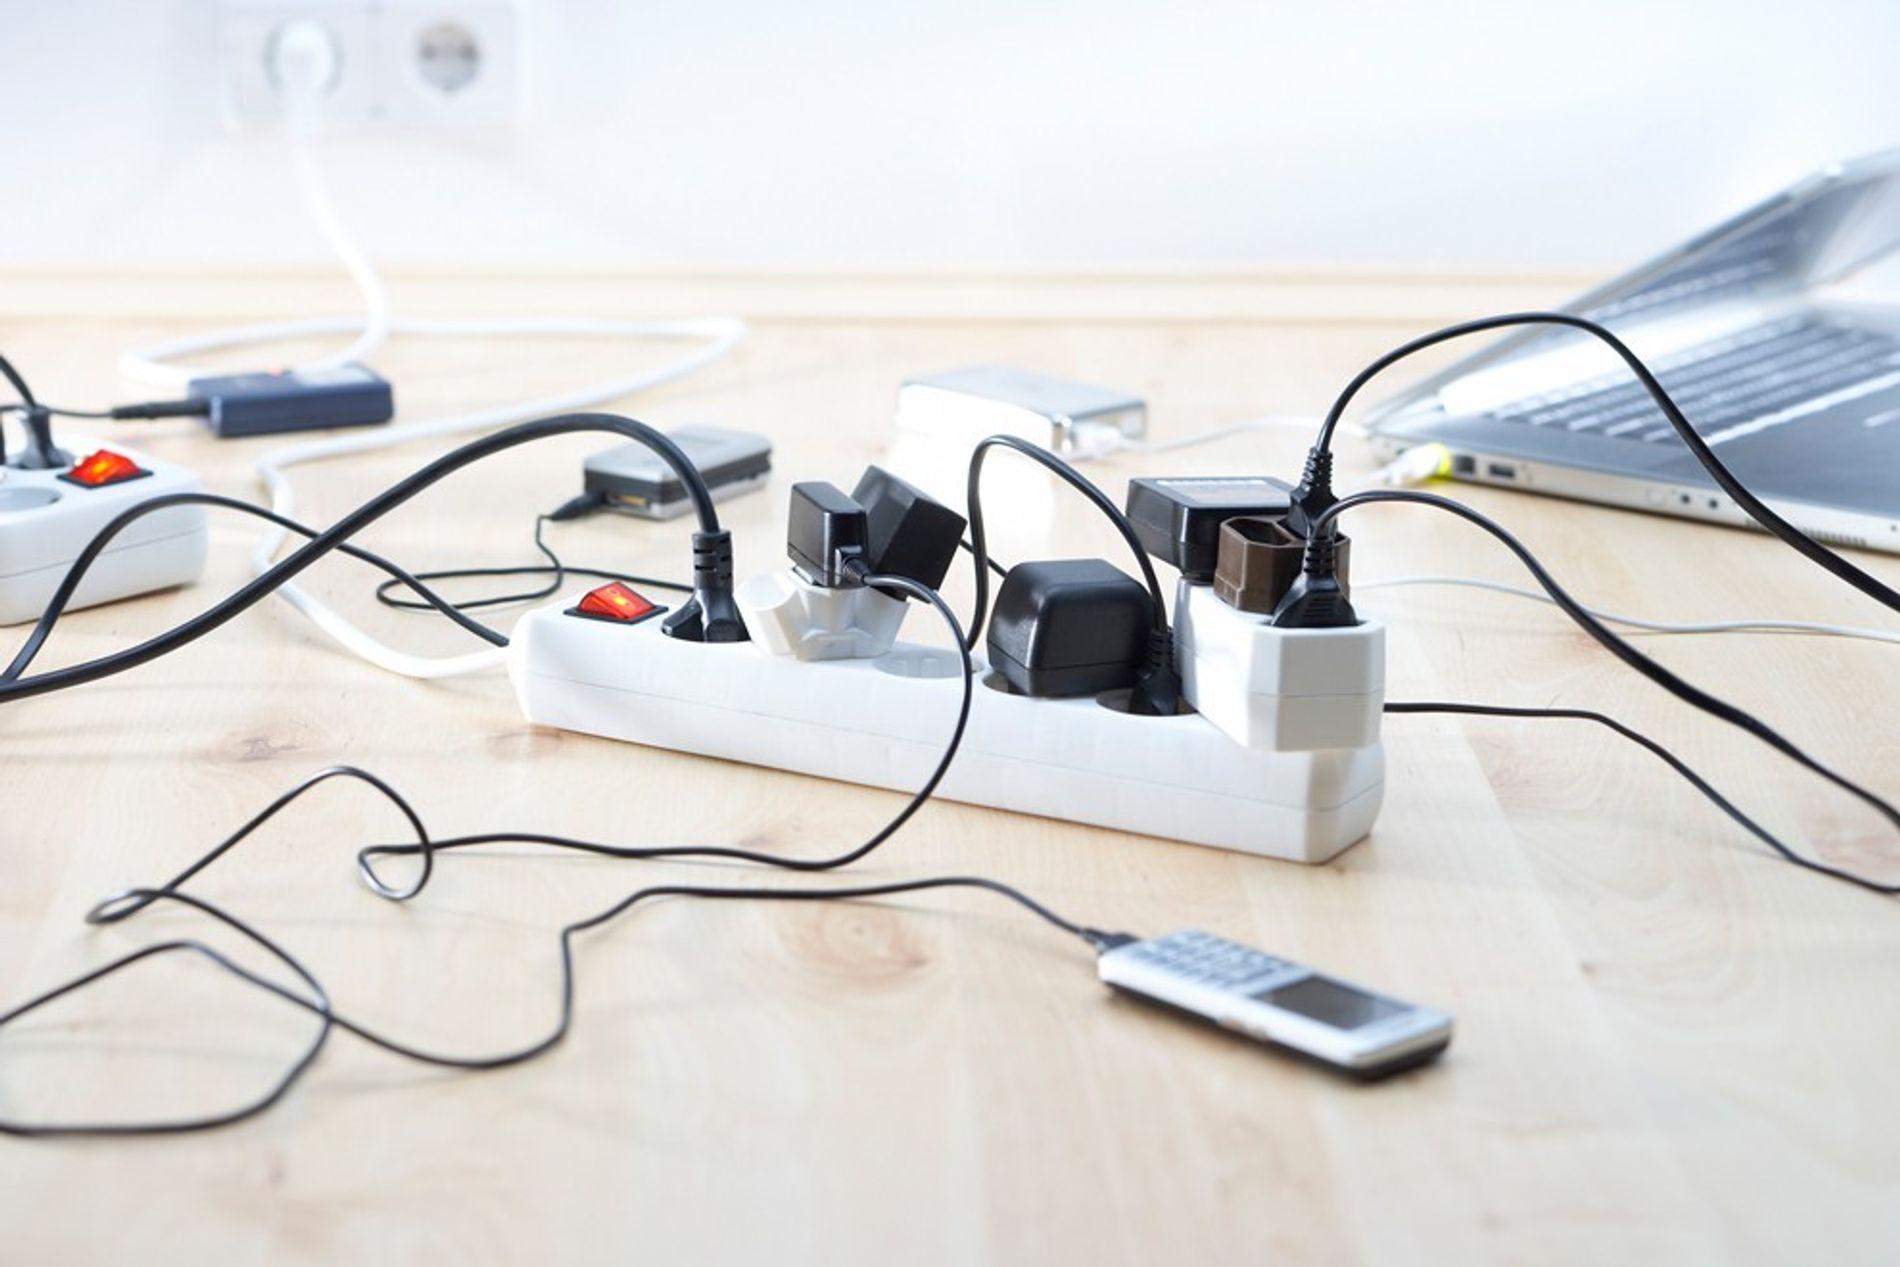 Beaucoup de gadgets et d'outils électroménager continuent de consommer de l'électricité même si ils ne sont pas utilisés.